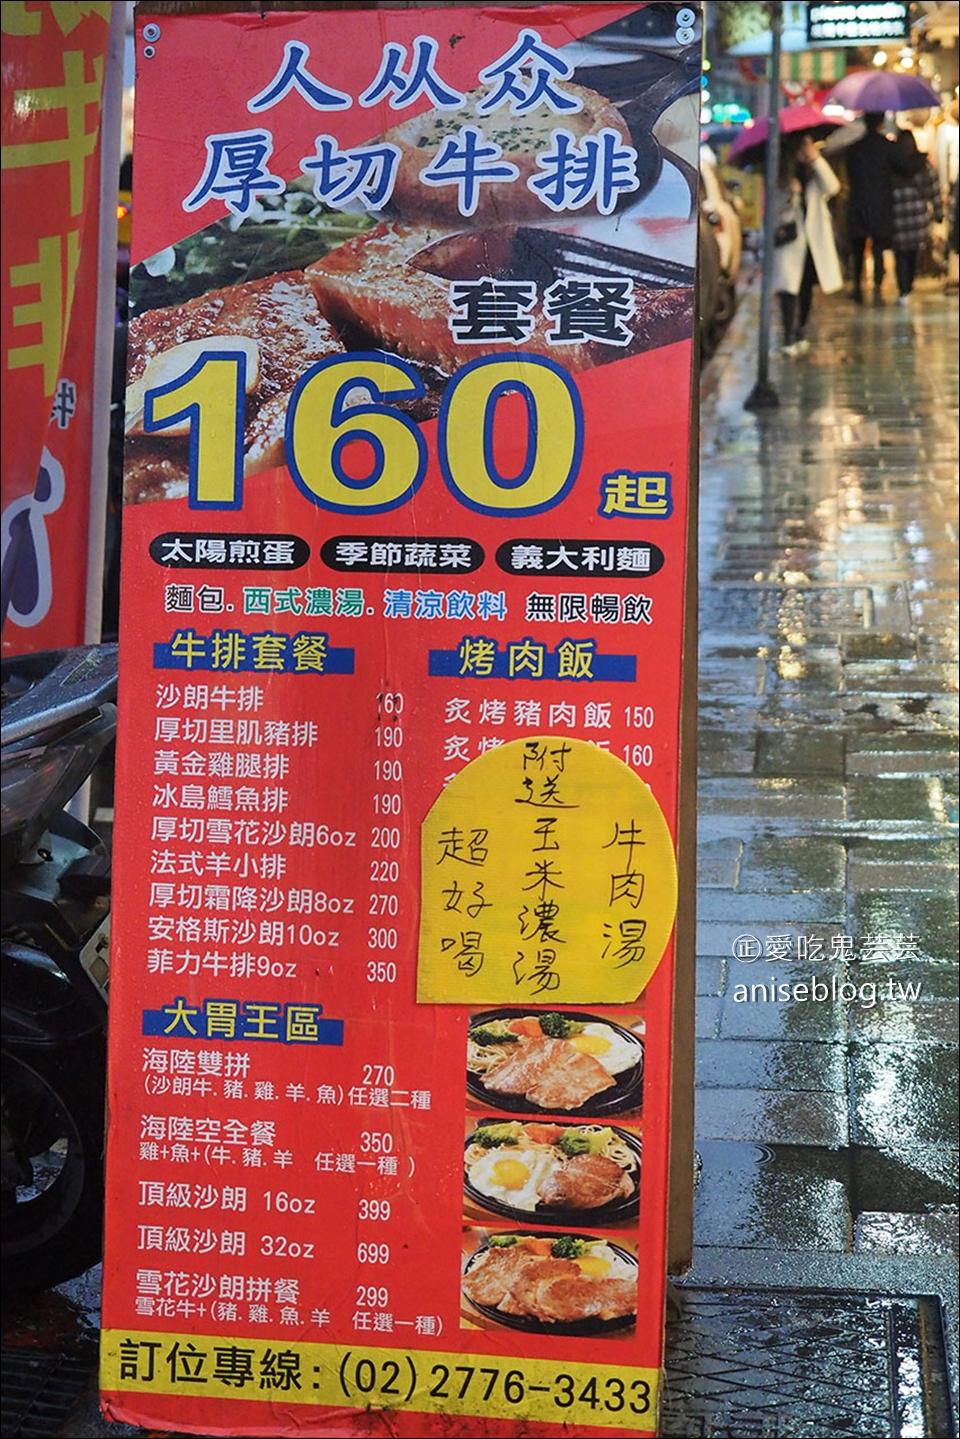 人从众厚切牛排館 | 忠孝店,平價牛排館,賣點是牛肉湯喝到飽!